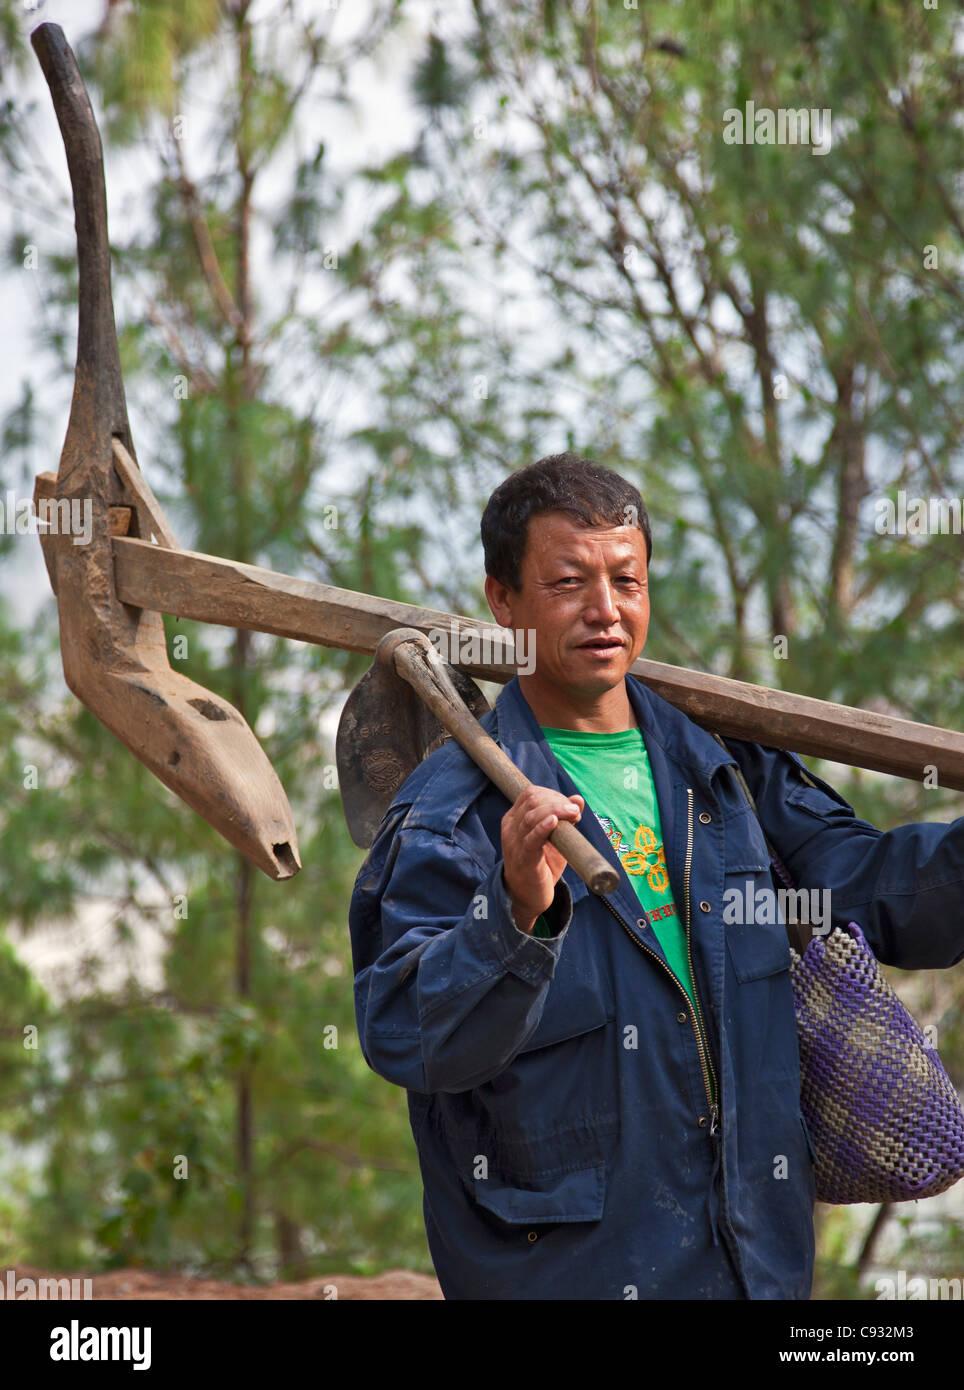 Un agriculteur transporte sa charrue en bois à sa ferme de la fertile vallée de Punakha. Photo Stock